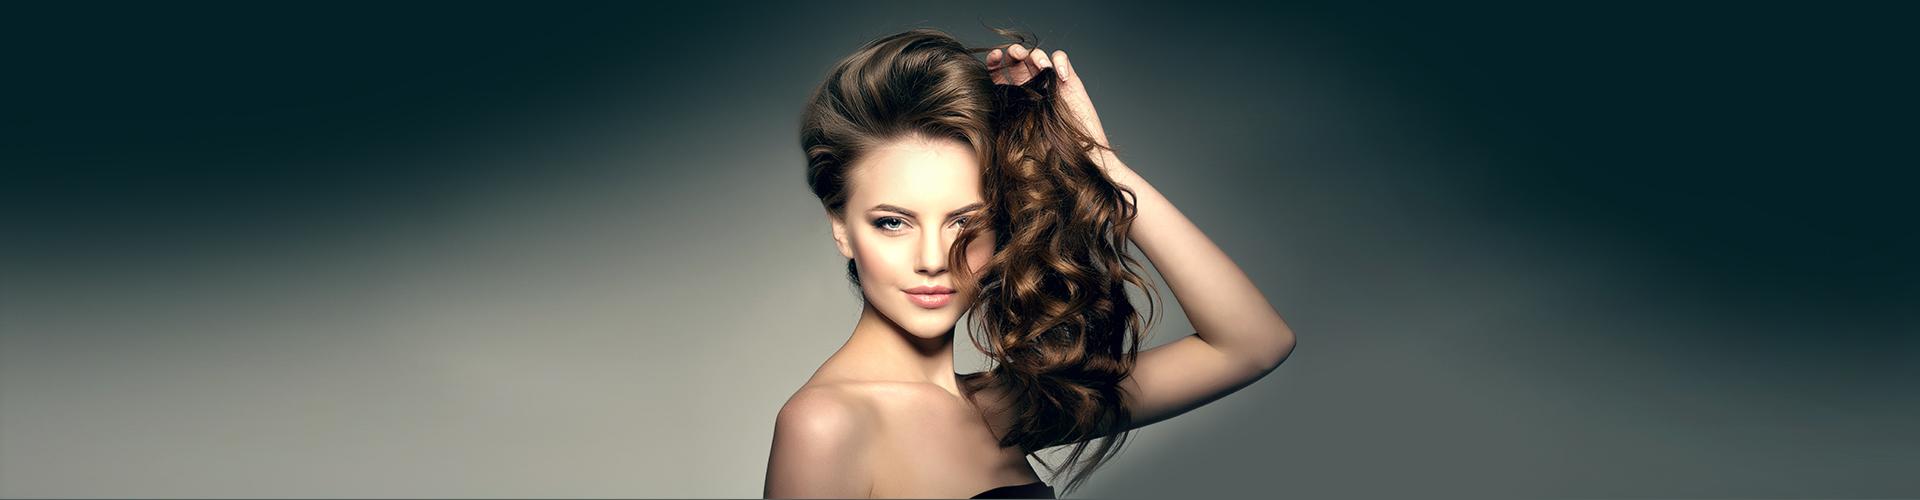 Hair Loss Facts La Mesa Medical Hair Restoration